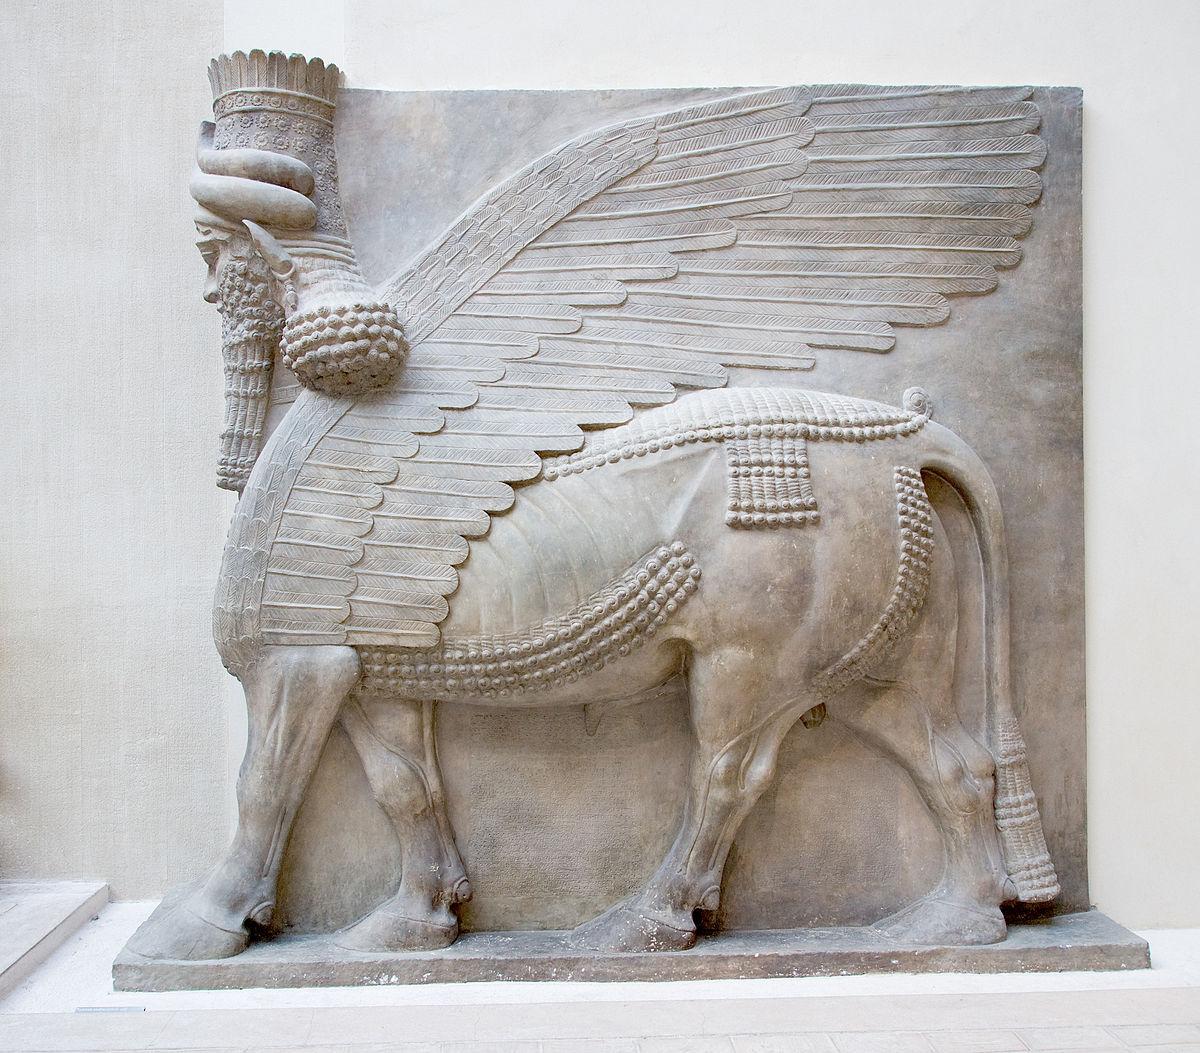 Bien-aimé Dur-Sharrukin — Wikipédia RQ44